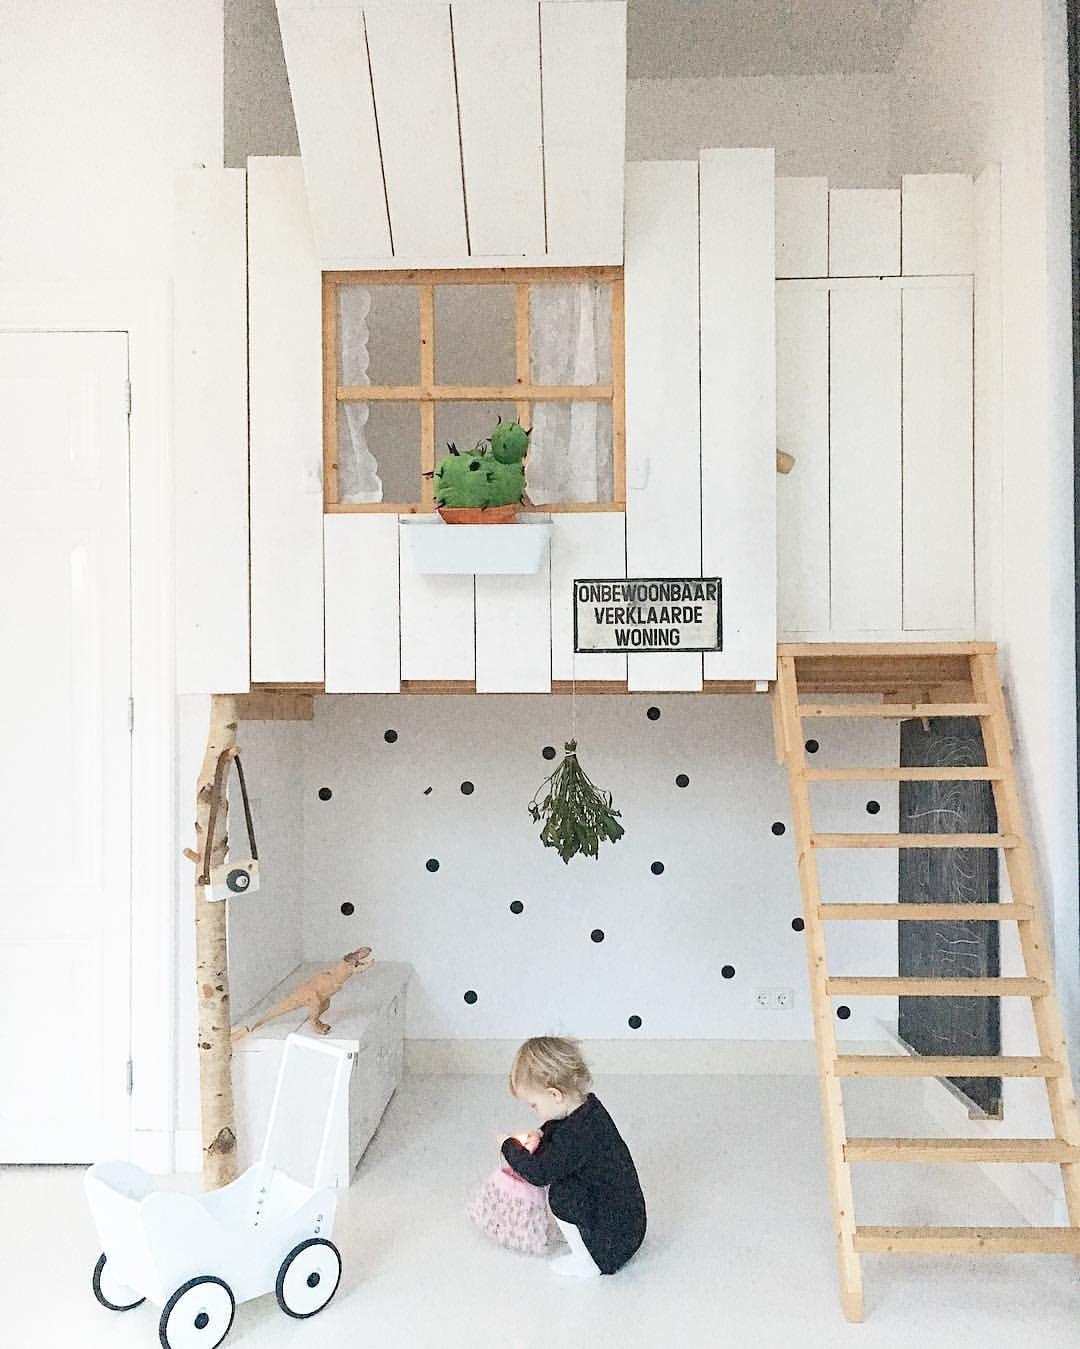 Loft bedroom for boys  Bekijk deze Instagramfoto van janaa u  vindikleuks  Play